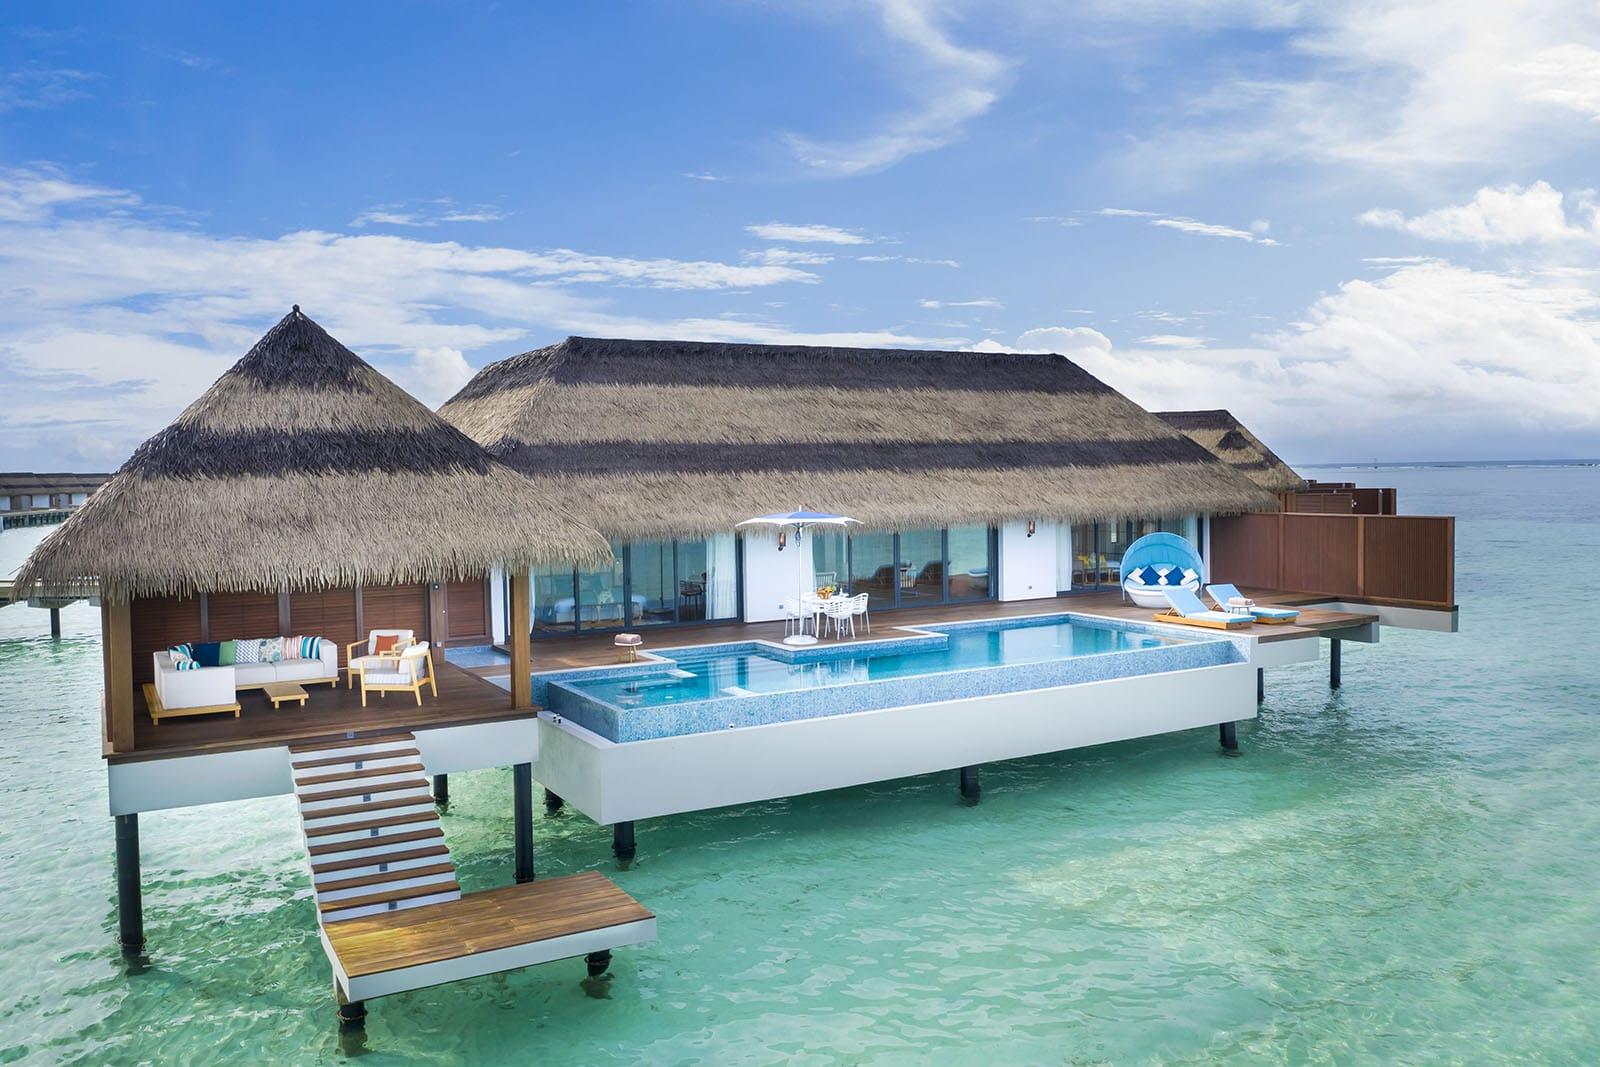 Открытие отеля Pullman Maldives Maamutaa Resort с одной из самых щедрых программ «All Inclusive»